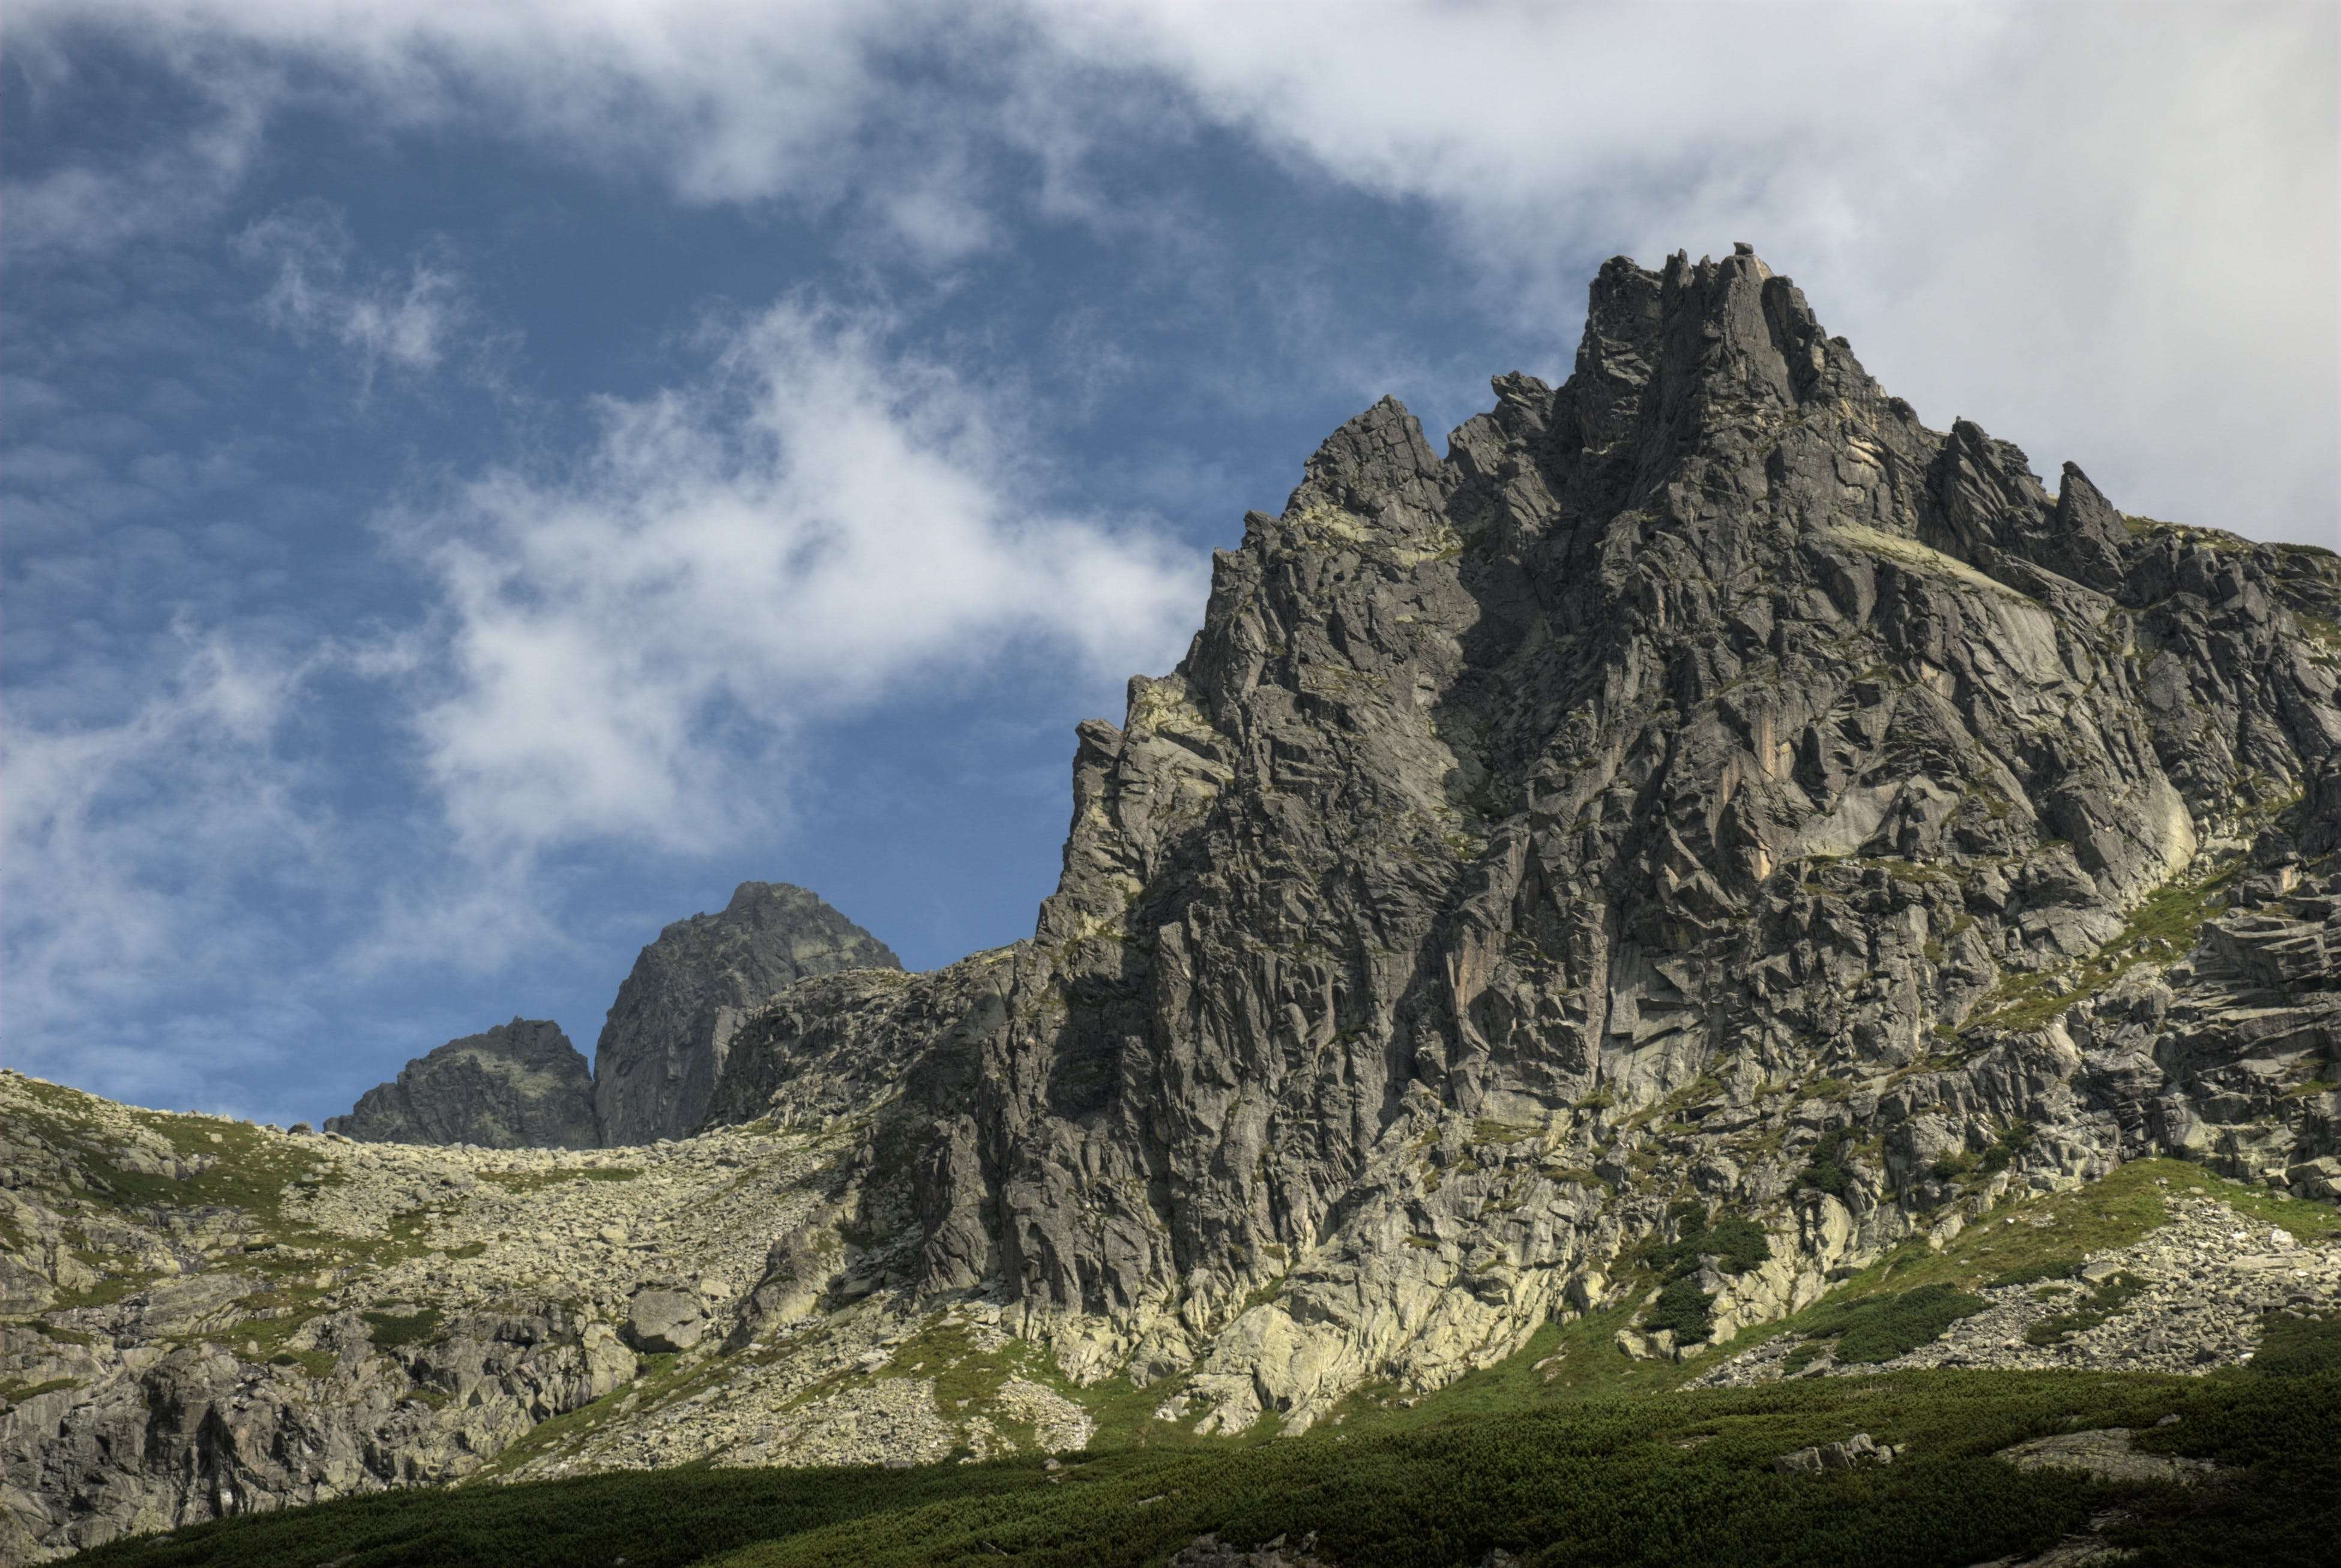 Gratis lagerfoto af bjerge, bjergtinde, bjergtop, blå himmel